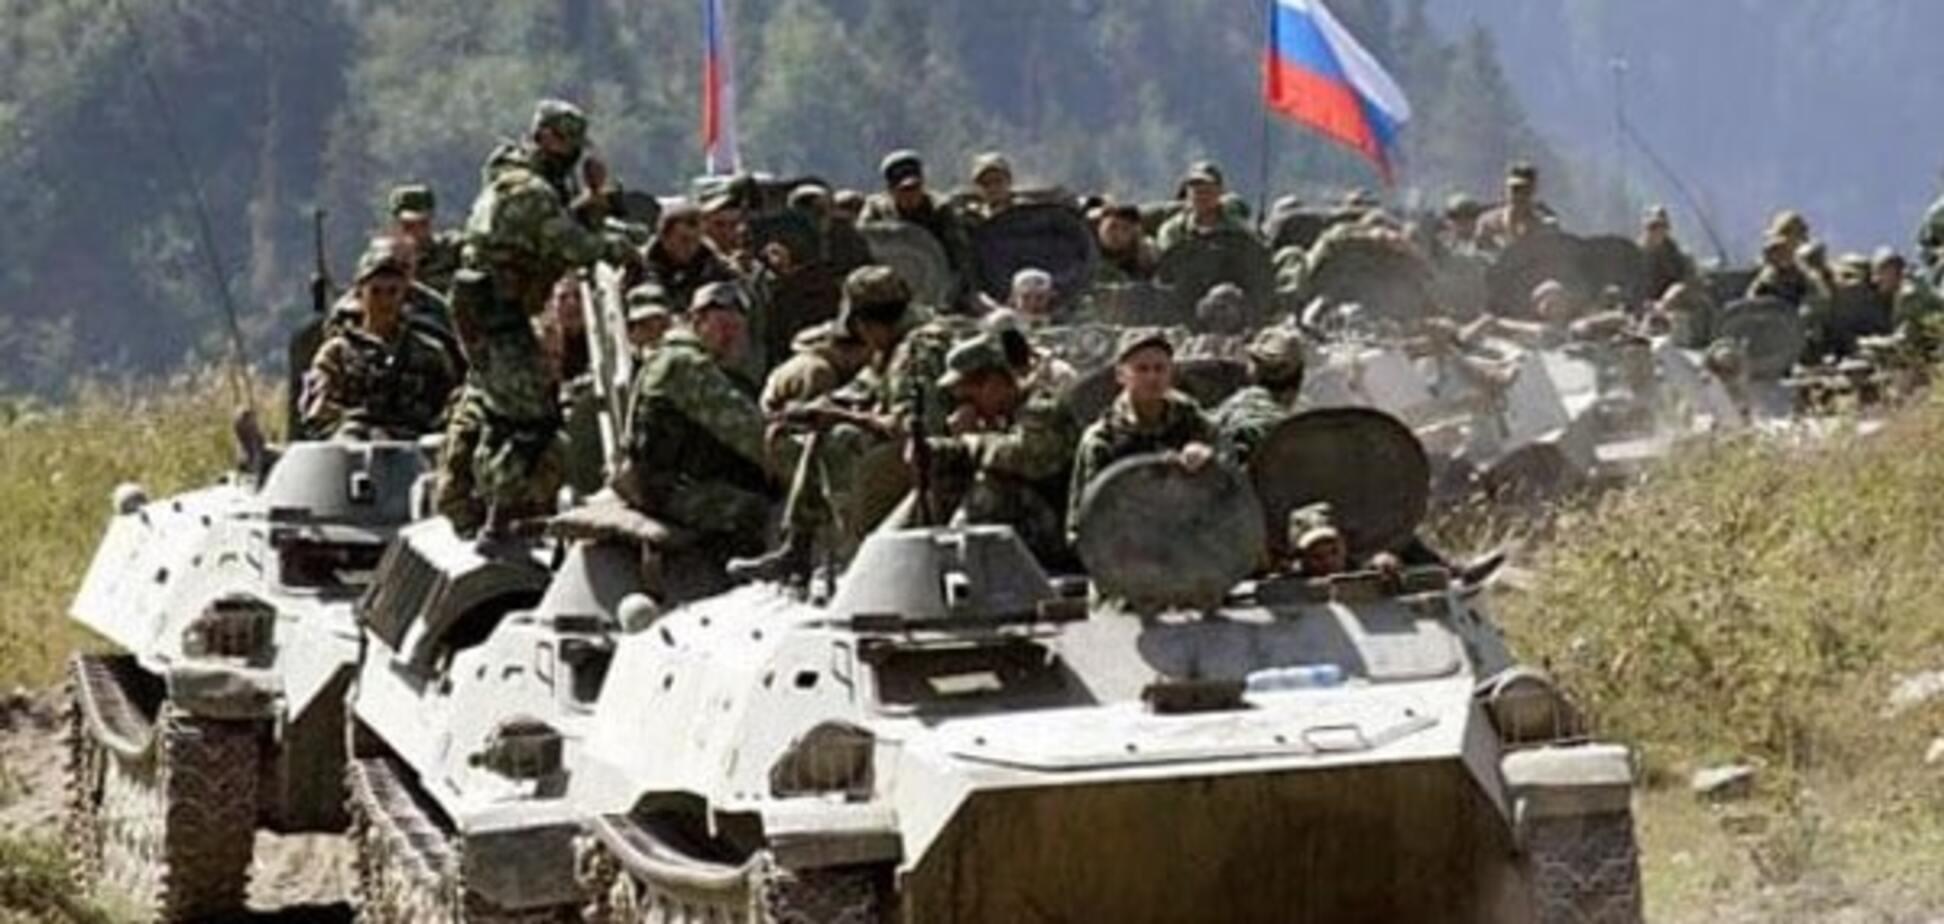 Чи буде повномасштабне вторгнення Росії?